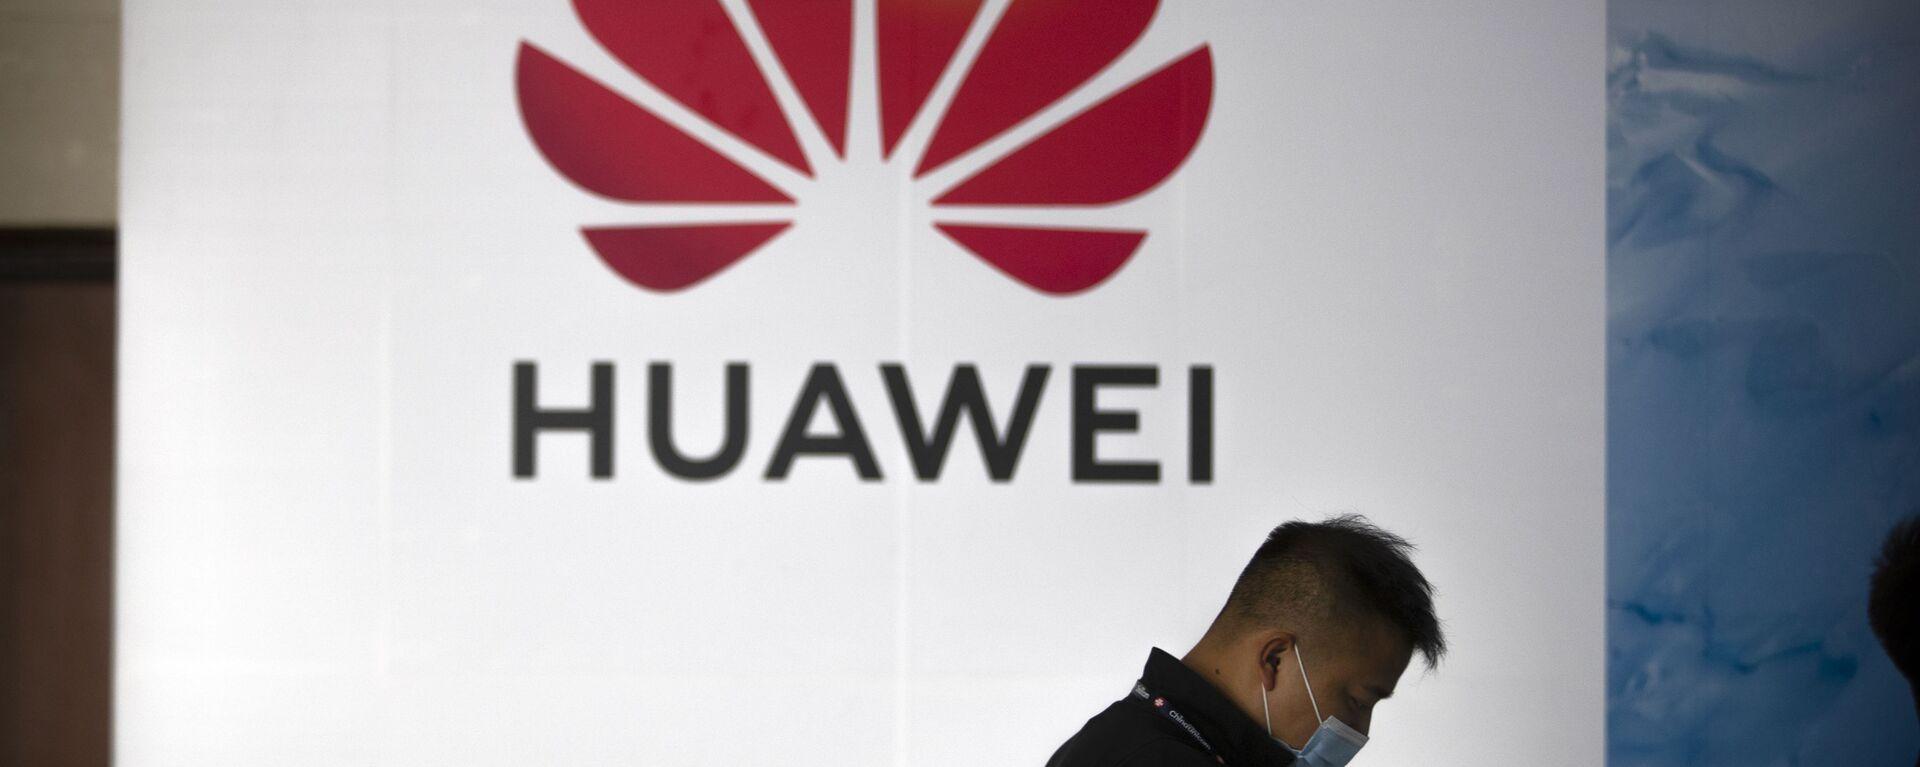 Una persona camina delante del logotipo de Huawei en una feria tecnológica en Pekín - Sputnik Mundo, 1920, 17.12.2020